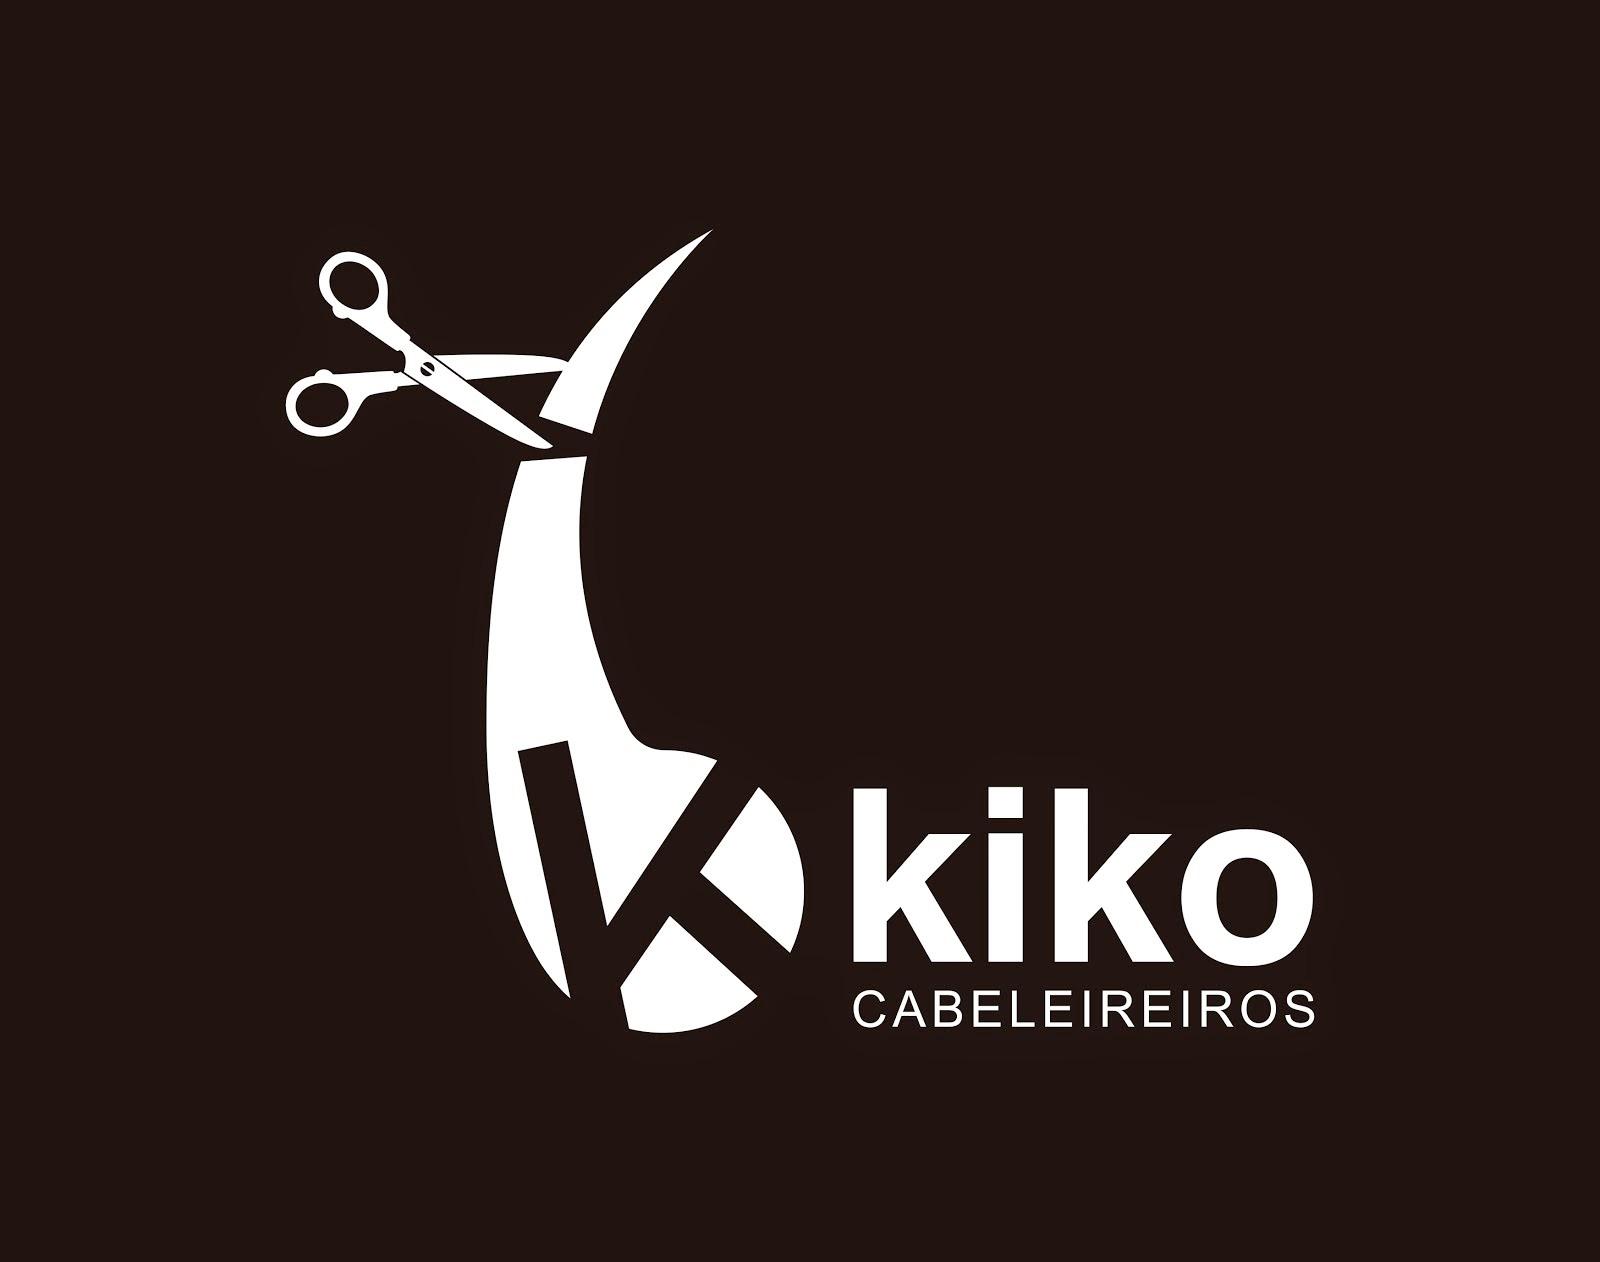 Kiko Cabeleireiros Coimbra